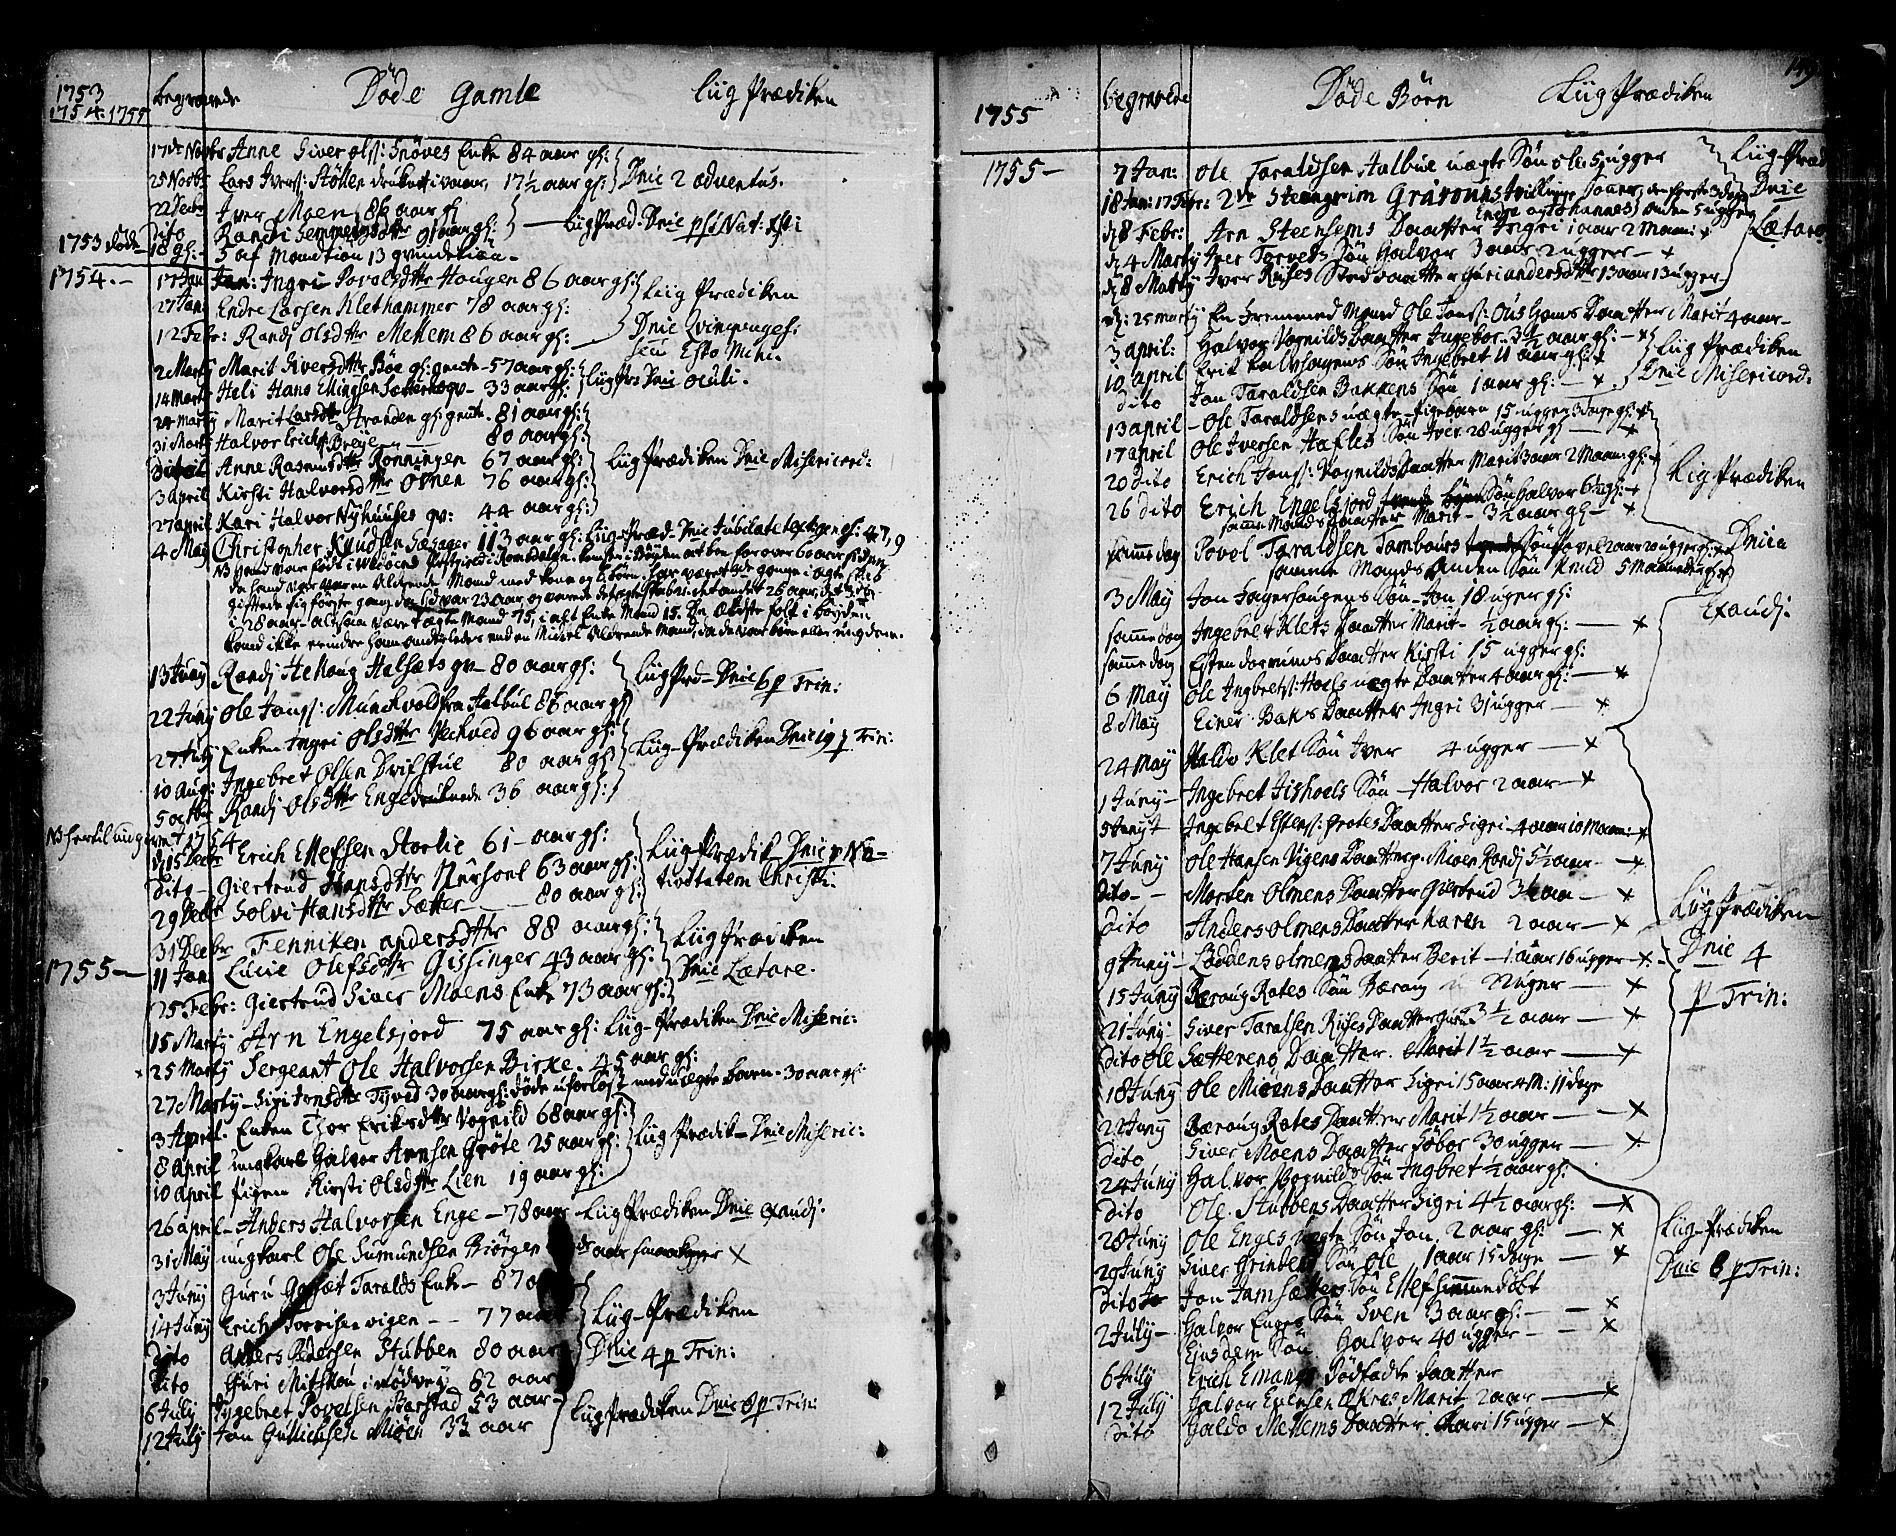 SAT, Ministerialprotokoller, klokkerbøker og fødselsregistre - Sør-Trøndelag, 678/L0891: Ministerialbok nr. 678A01, 1739-1780, s. 149